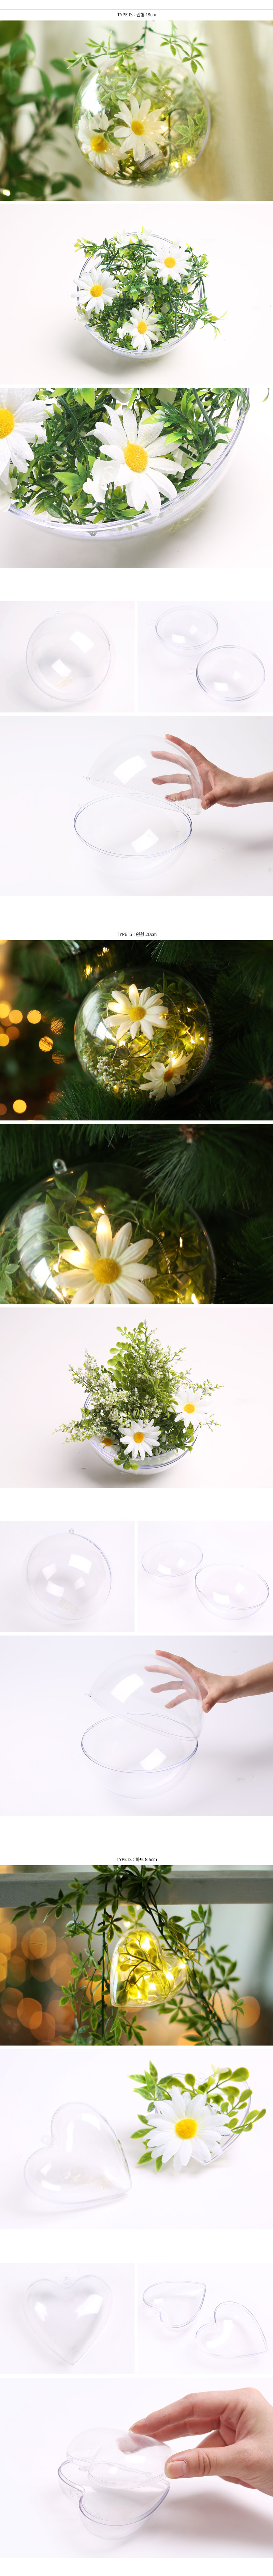 투명 행잉 데코 - 원형(15cm) - 파티해, 6,500원, 크리스마스, 장식소품